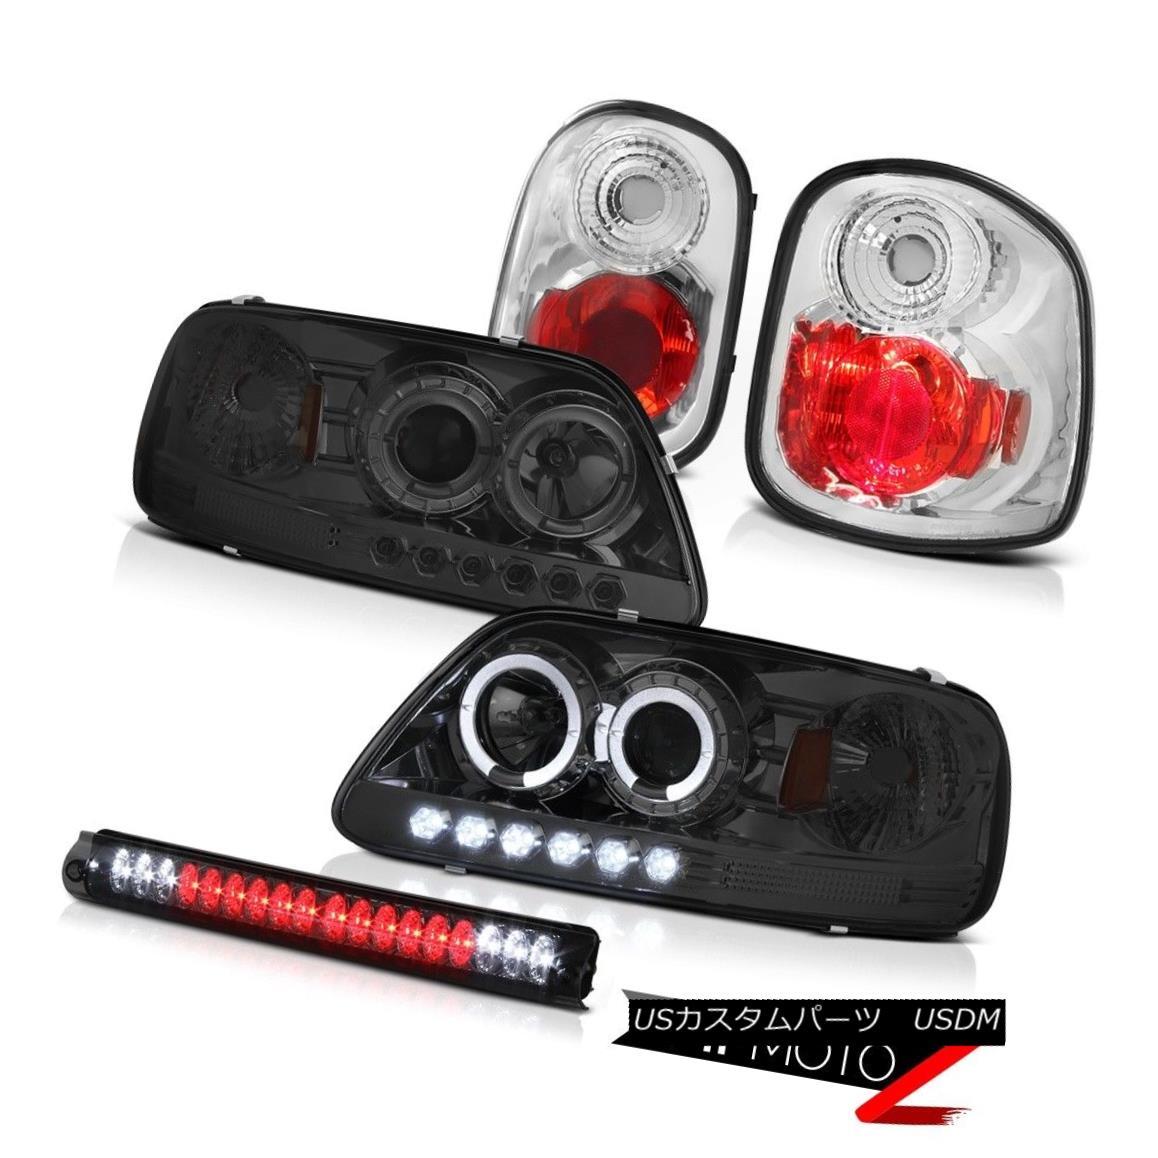 テールライト Halo LED Headlights Euro Tail Lights High Brake 2001-2003 F150 Flareside 4.6L Halo LEDヘッドライトユーロテールライトハイブレーキ2001-2003 F150 Flareside 4.6L